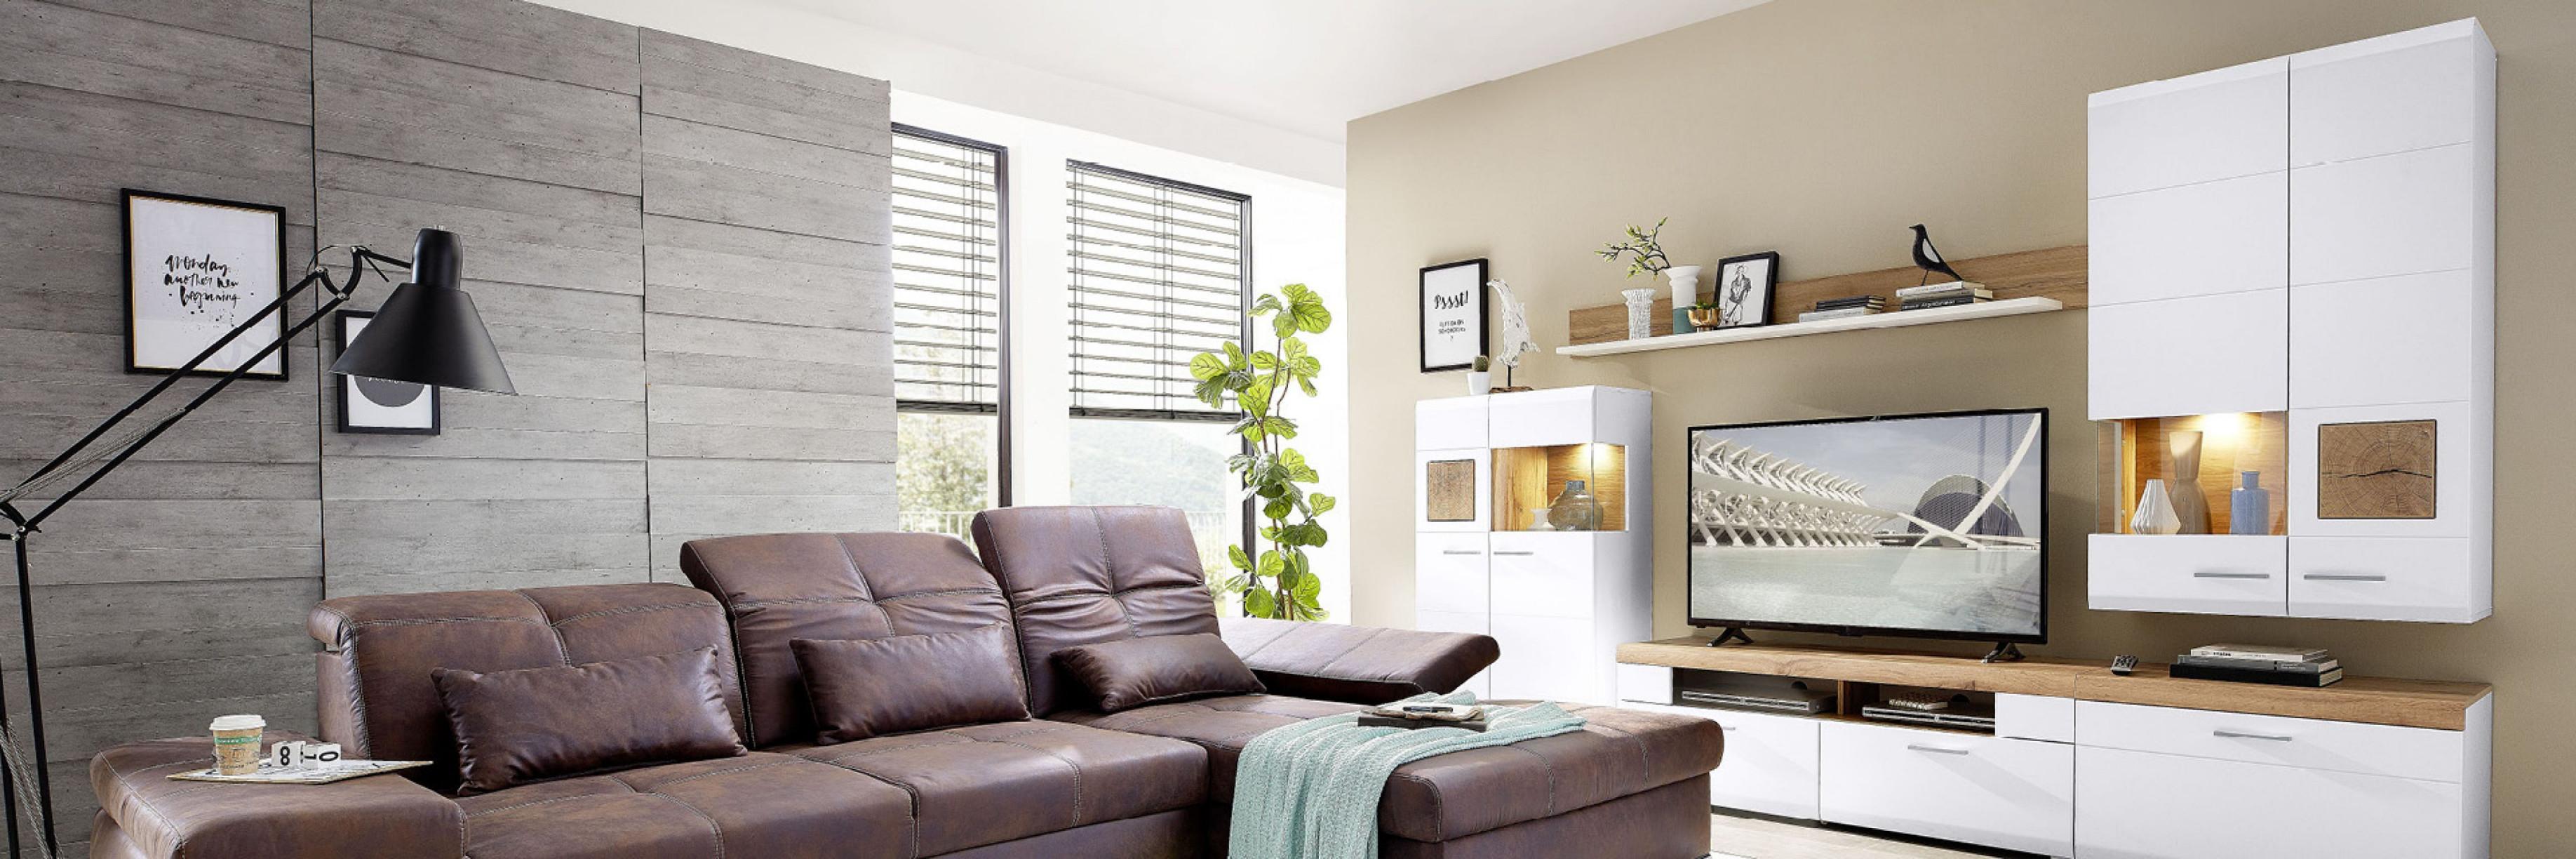 Ideen Fürs Wohnzimmer  Individuell Und Bequem  Möbel As von Wohnzimmer Ideen Bilder Photo